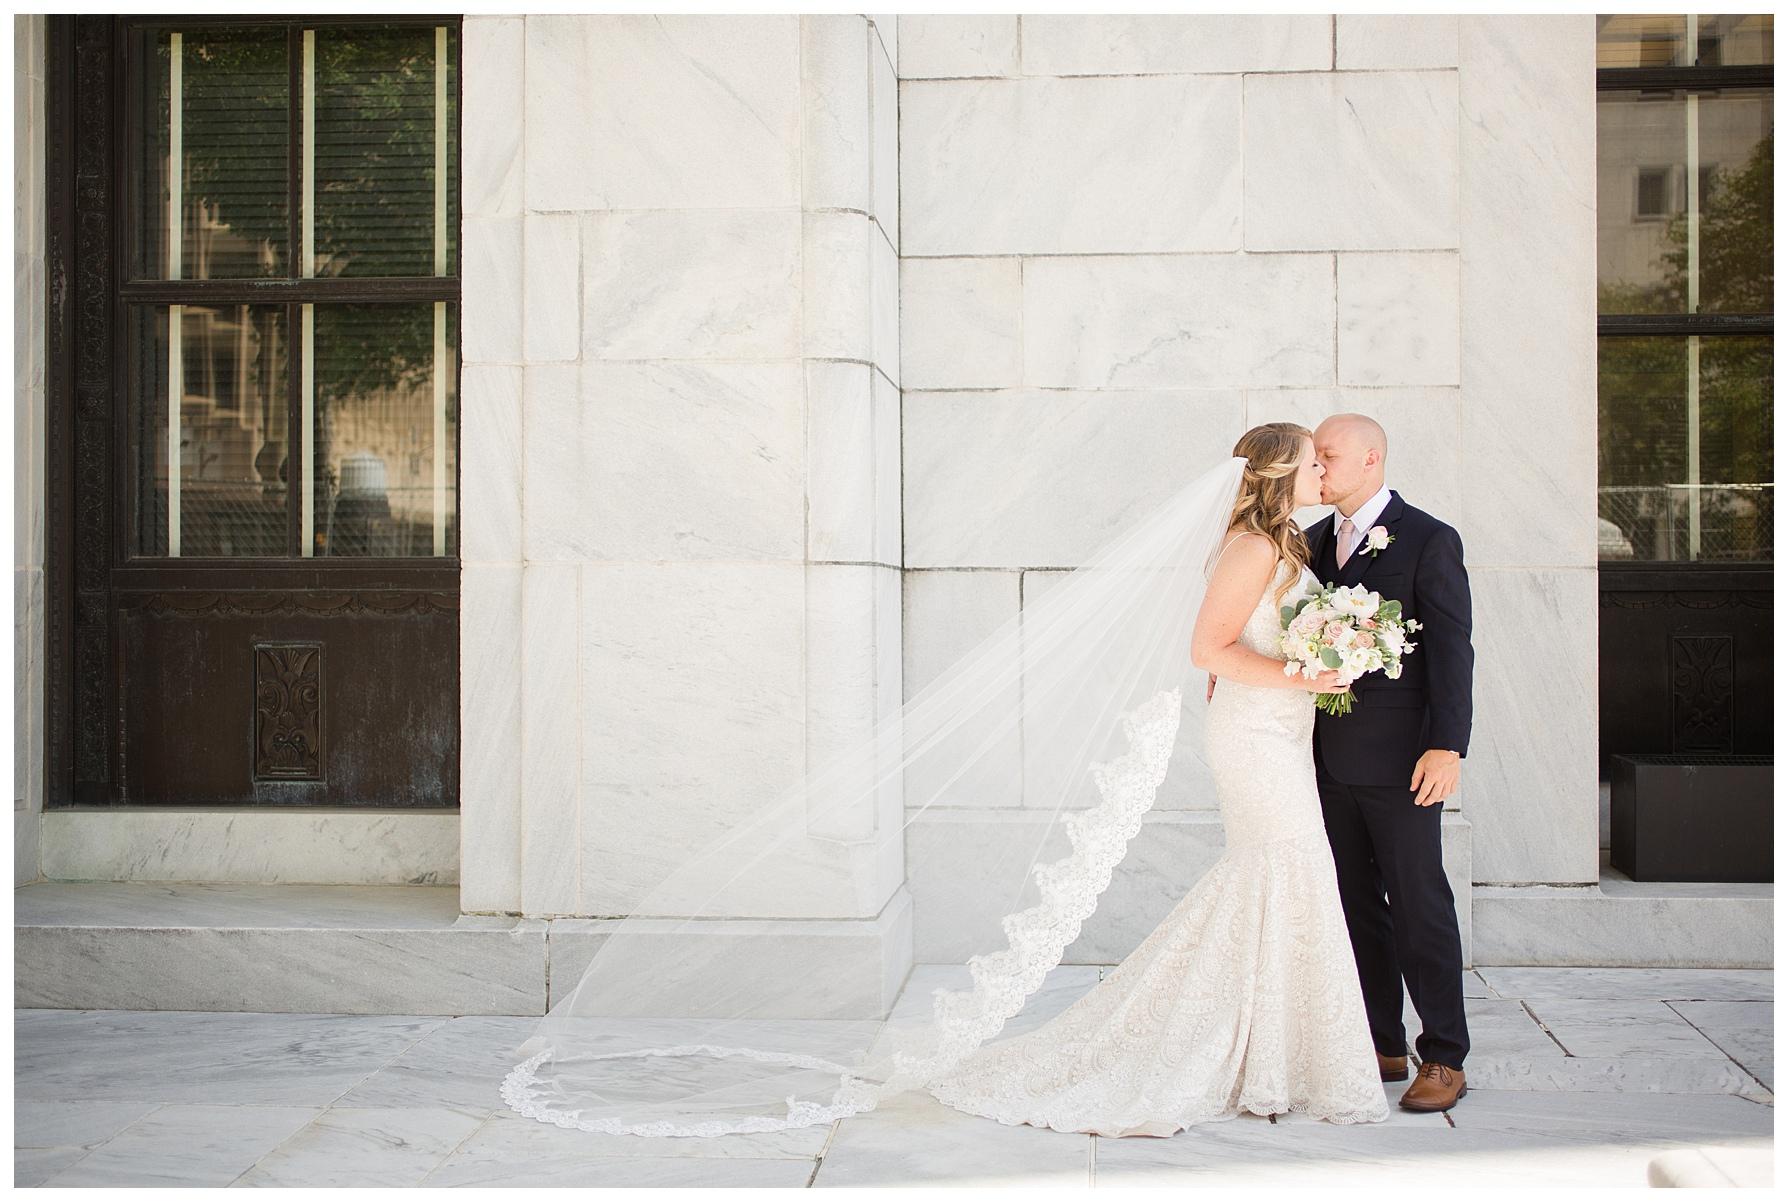 columbus-wedding-portratis-bride-groom_0027.jpg